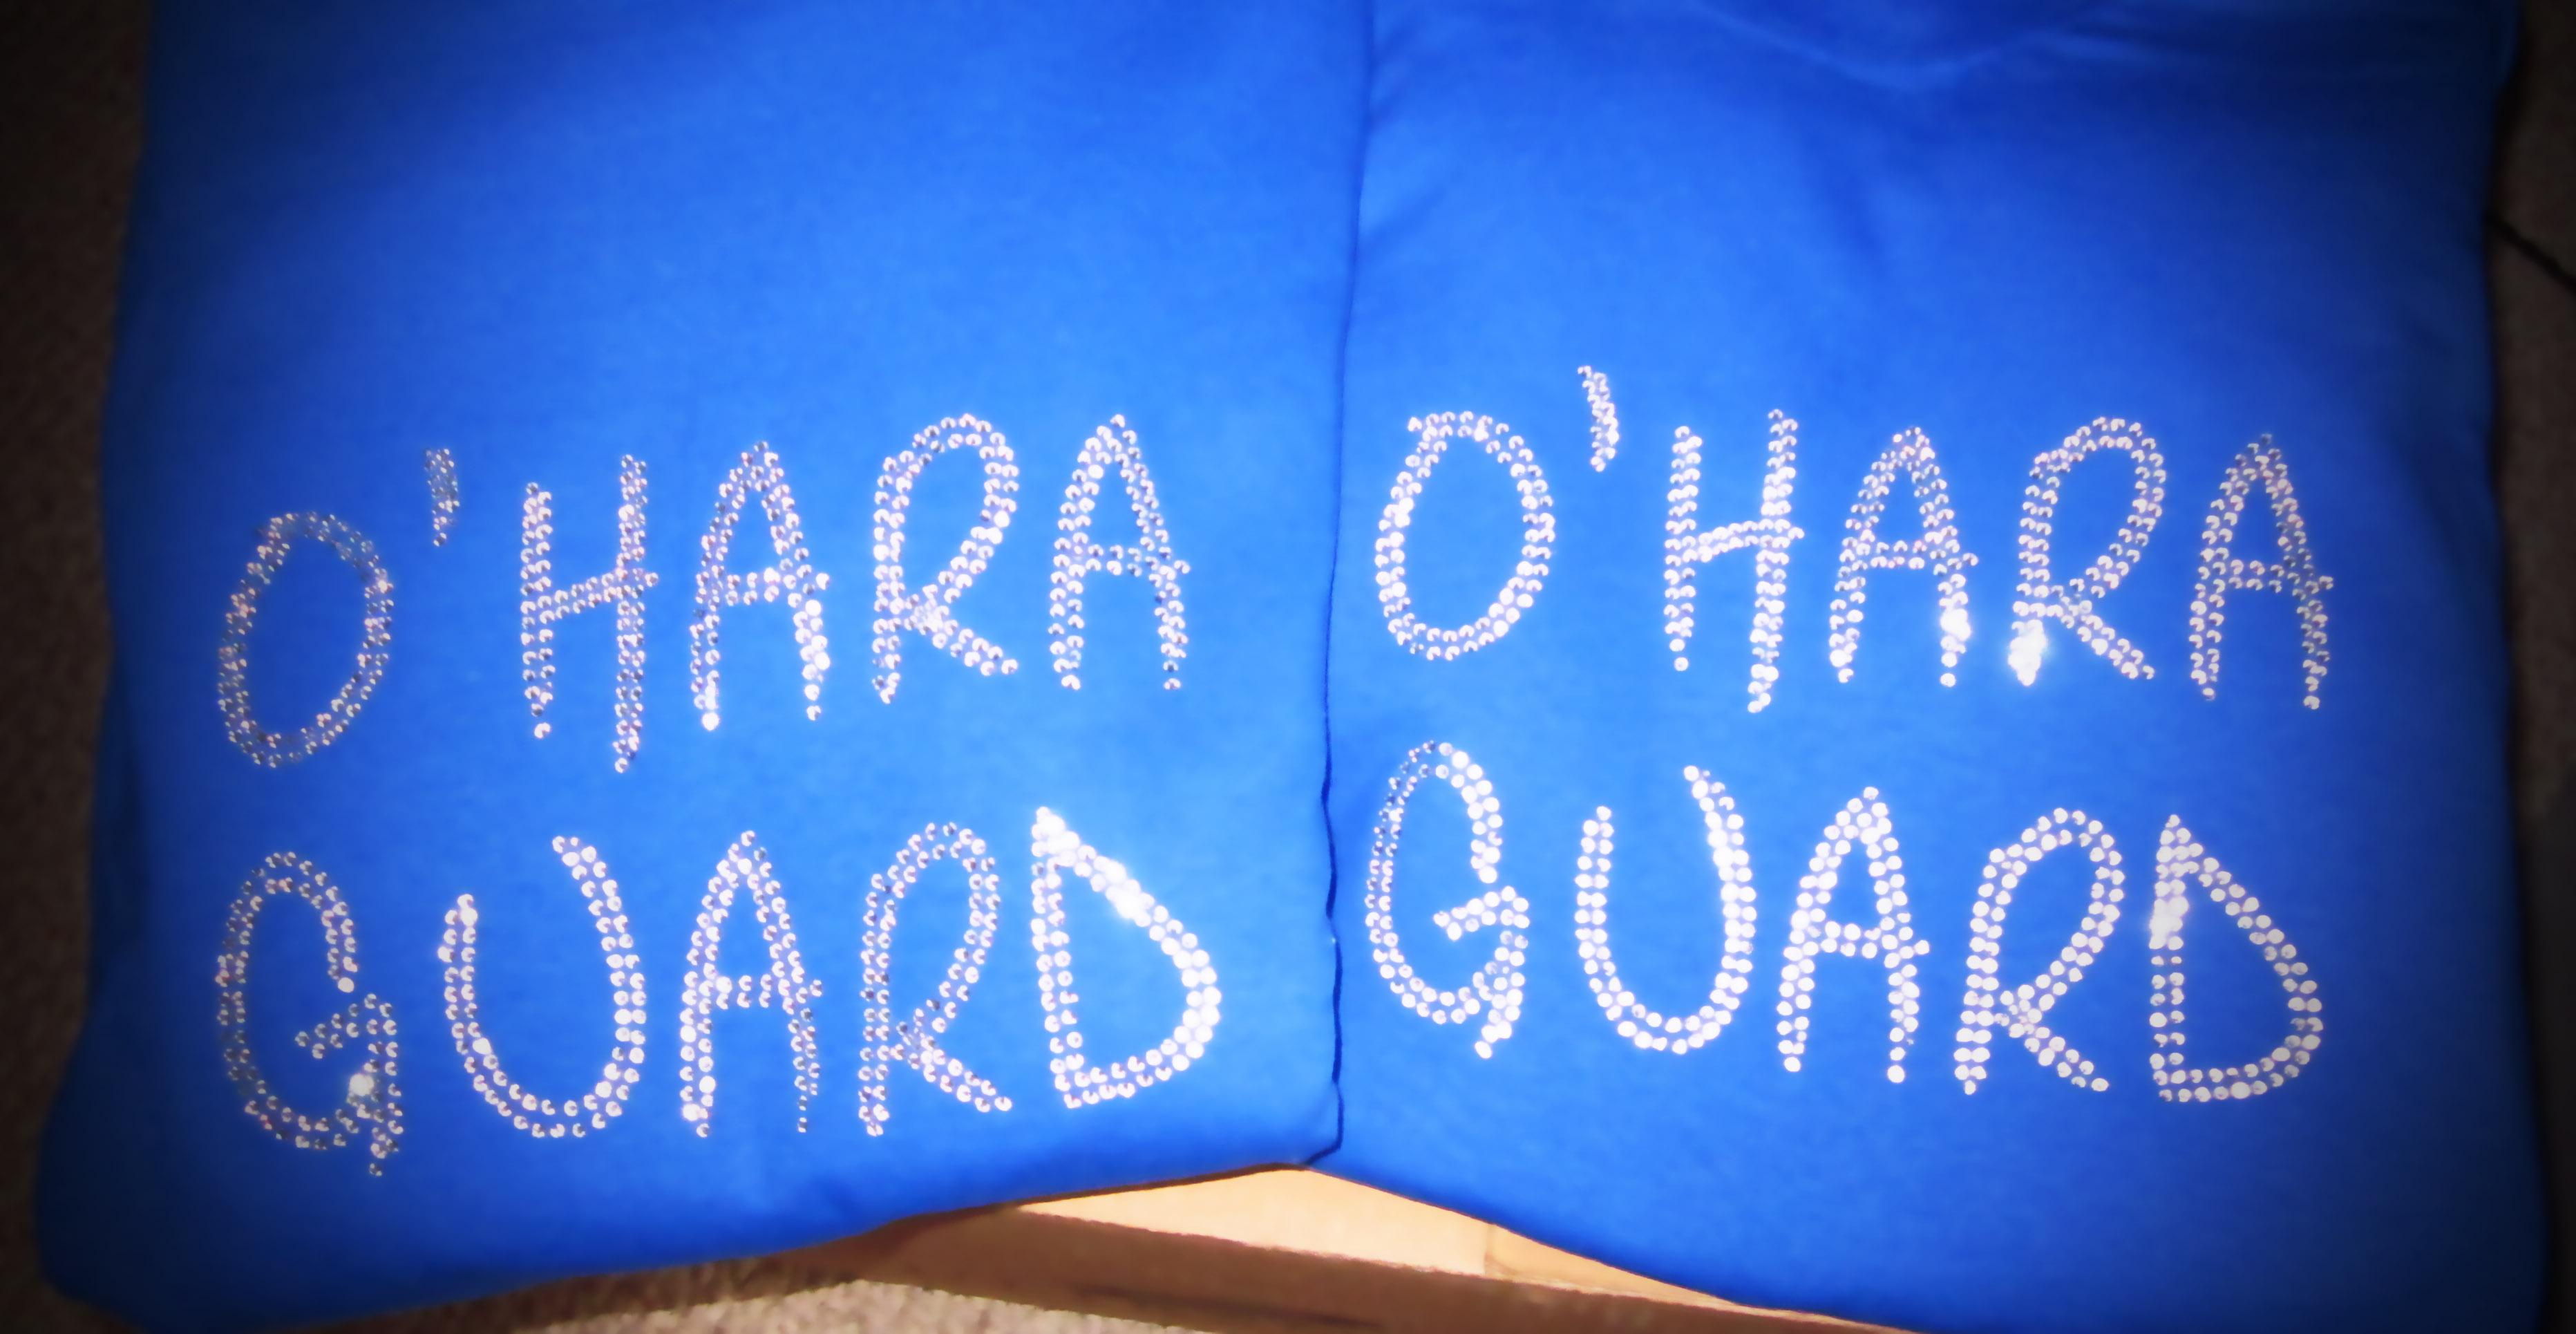 O'Hara Guard Rhinestone Shirts Delaware County PA